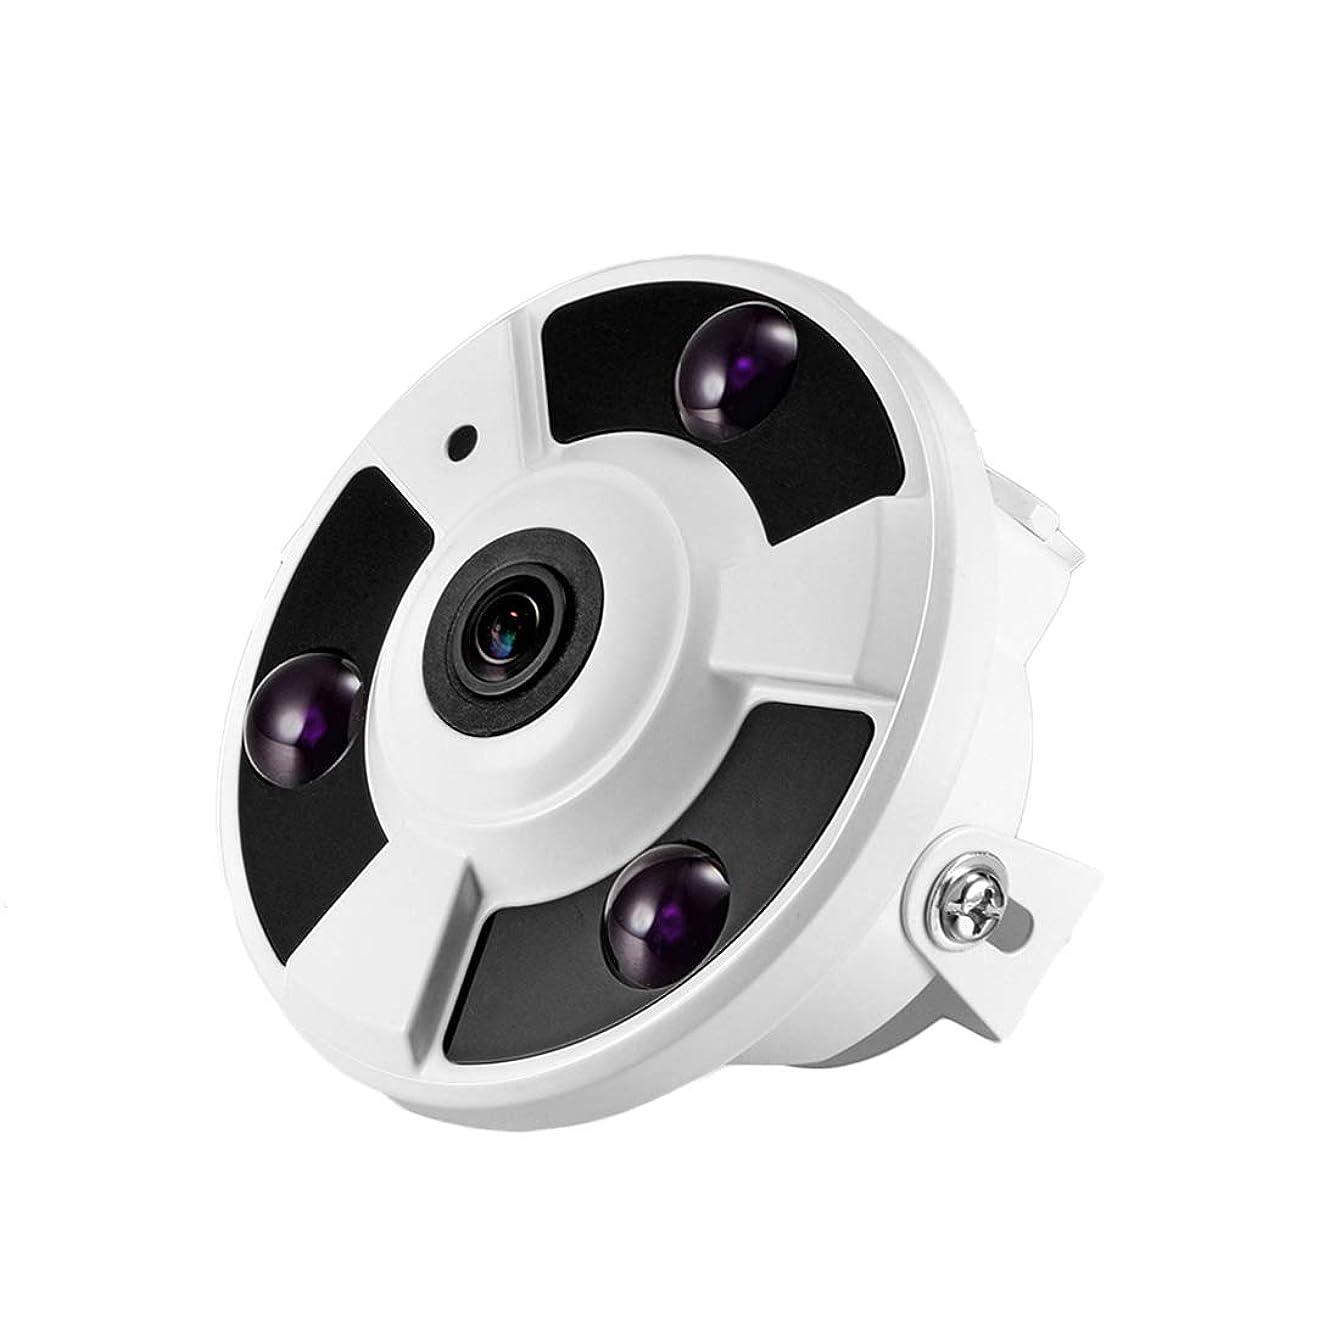 メタリック硬化する里親方朝日スポーツ用品店 ホームセキュリティカメラ-1080p 1.7ミリメートルのHD 360パノラマレンズ - 夜間視力の動き検出とドームカメラ